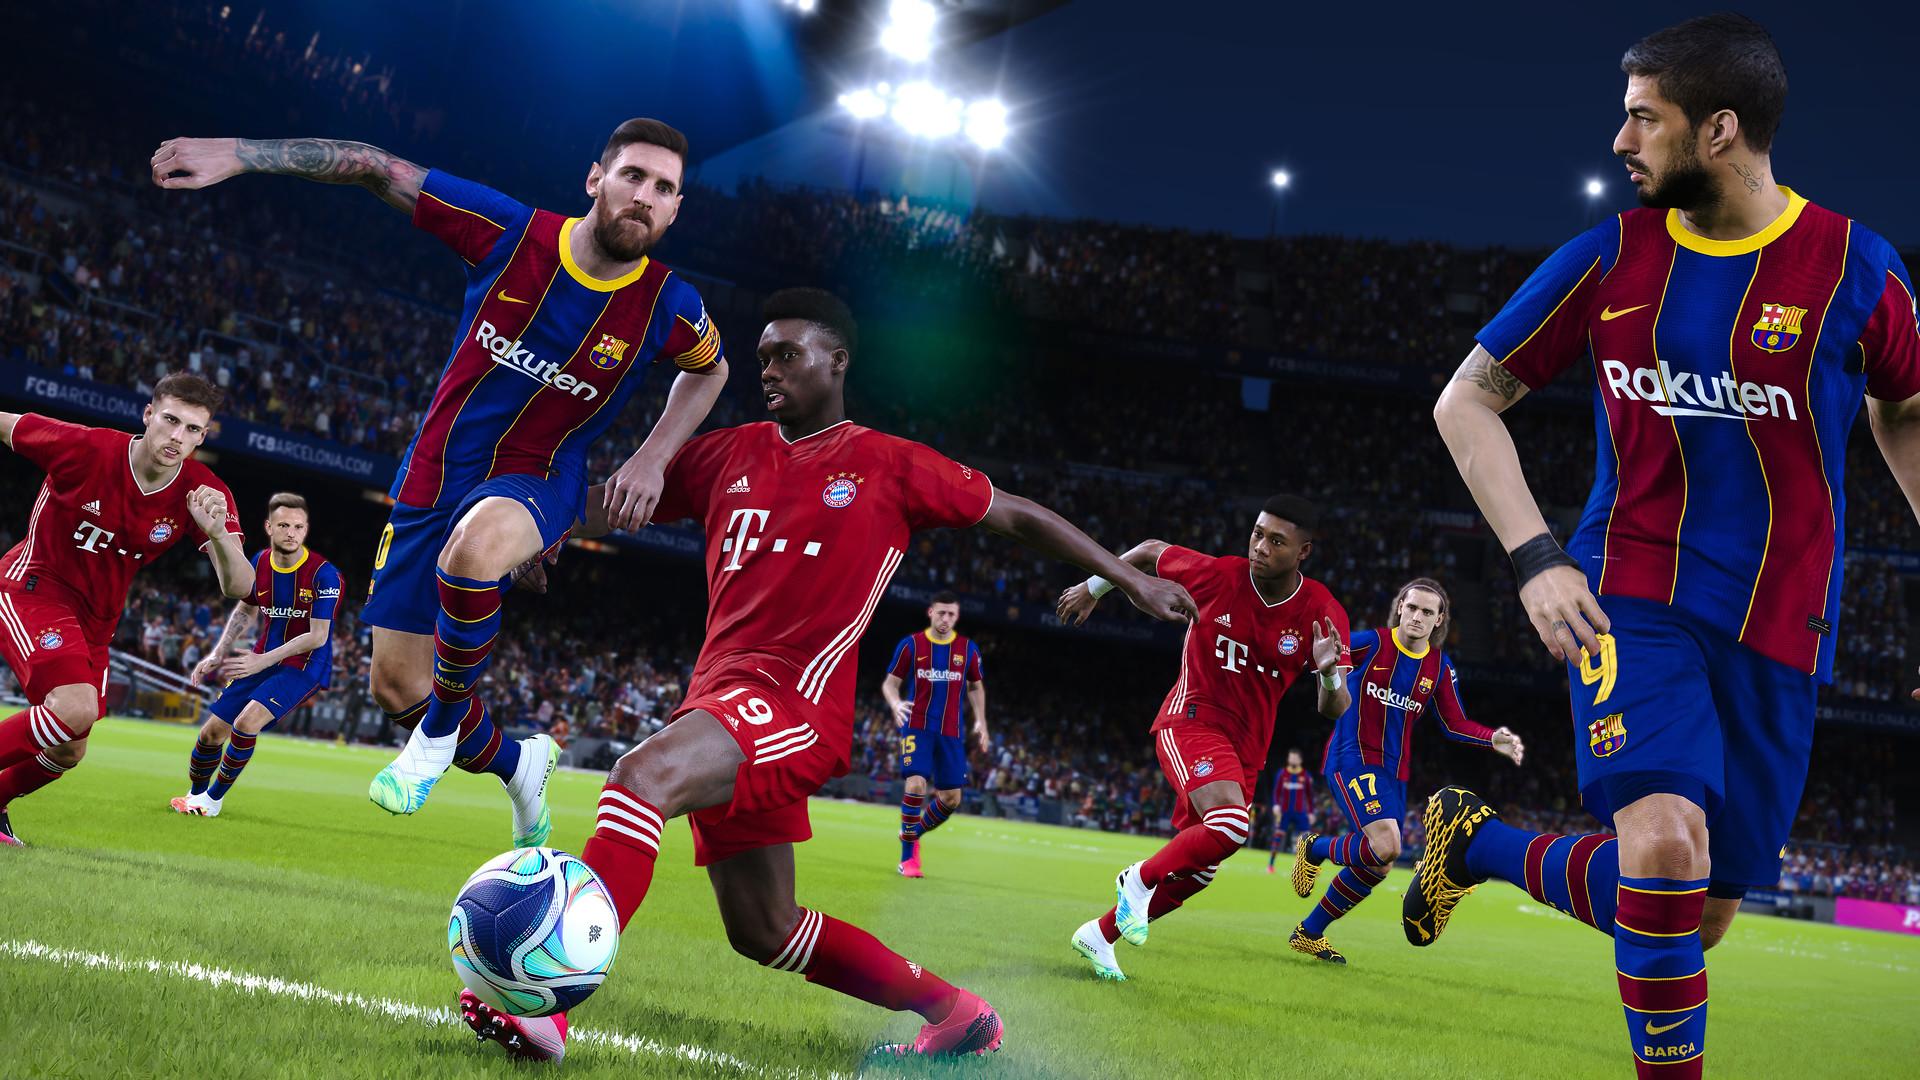 Prorrogação jogo 154653